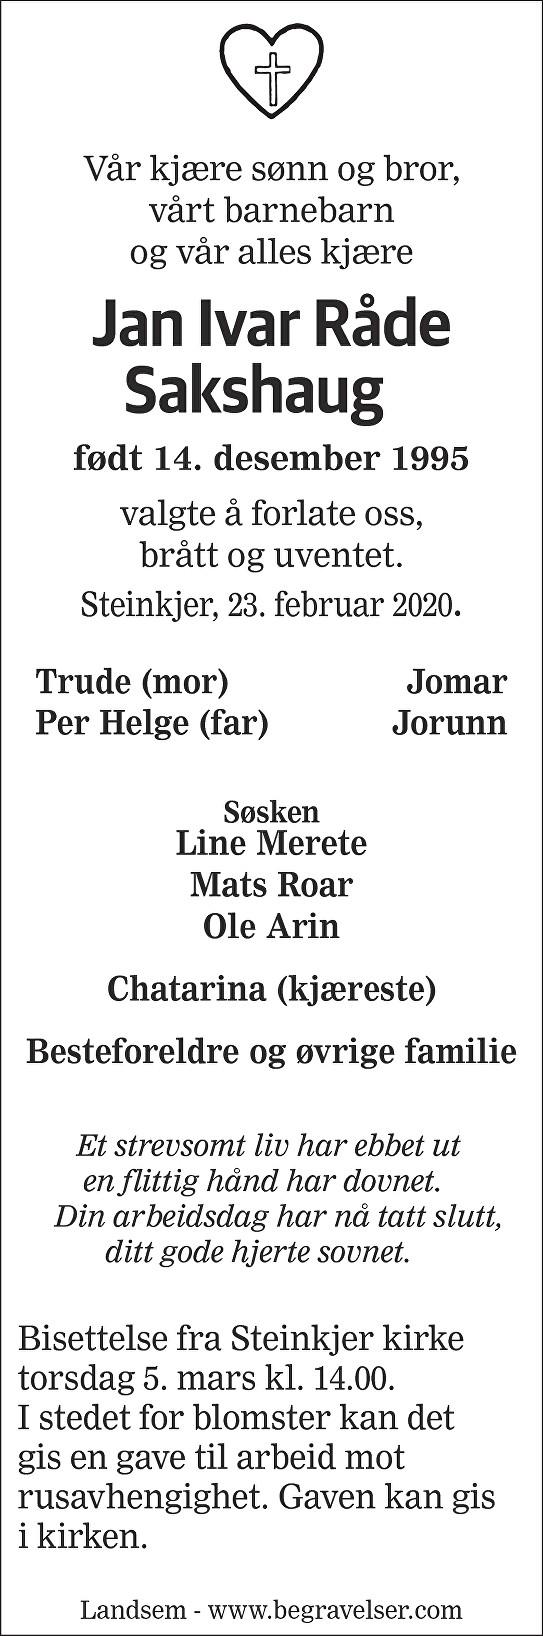 Jan Ivar Råde Sakshaug Dødsannonse